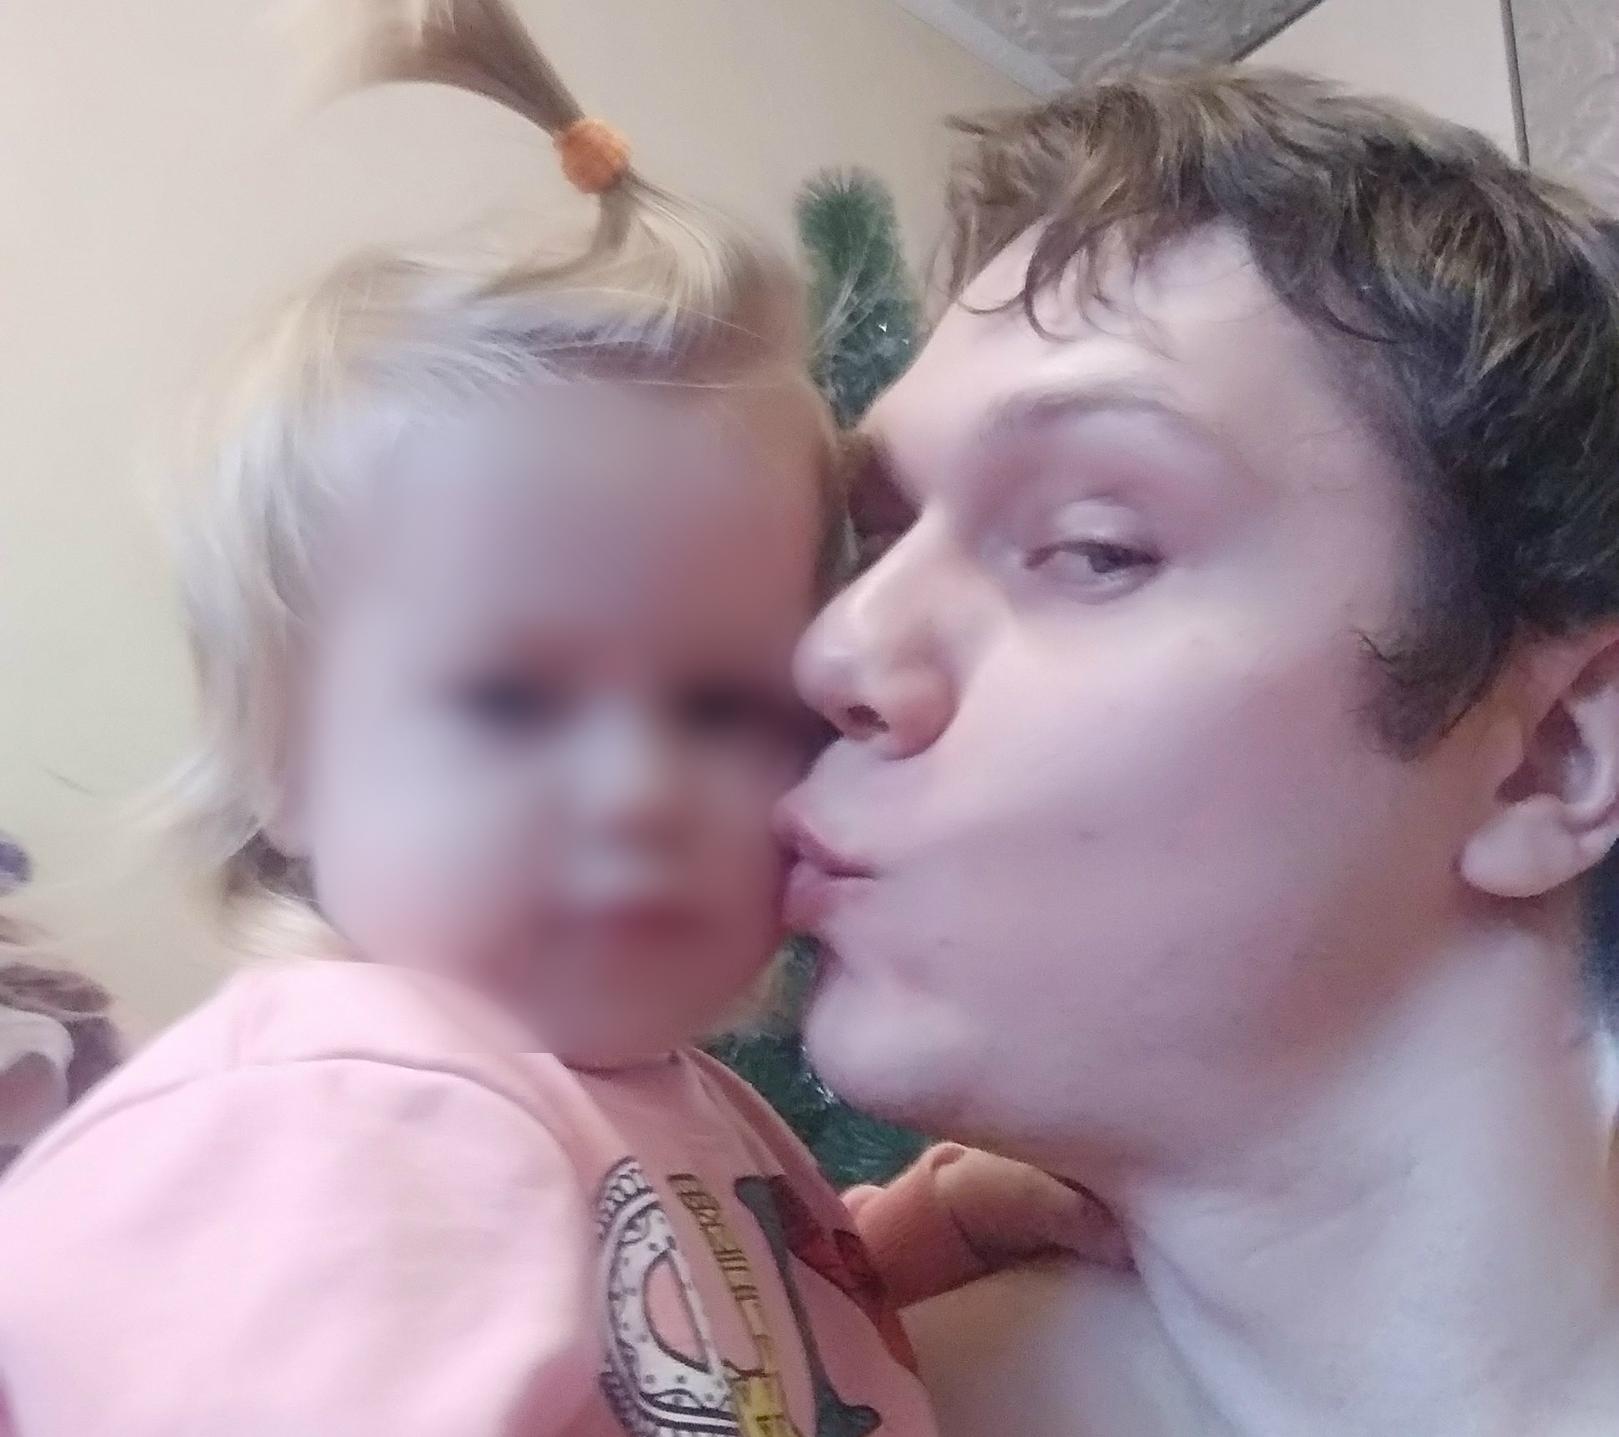 Этот последний снимок Виктора Антилова и его дочери Ульяны сделан за неделю до их гибели